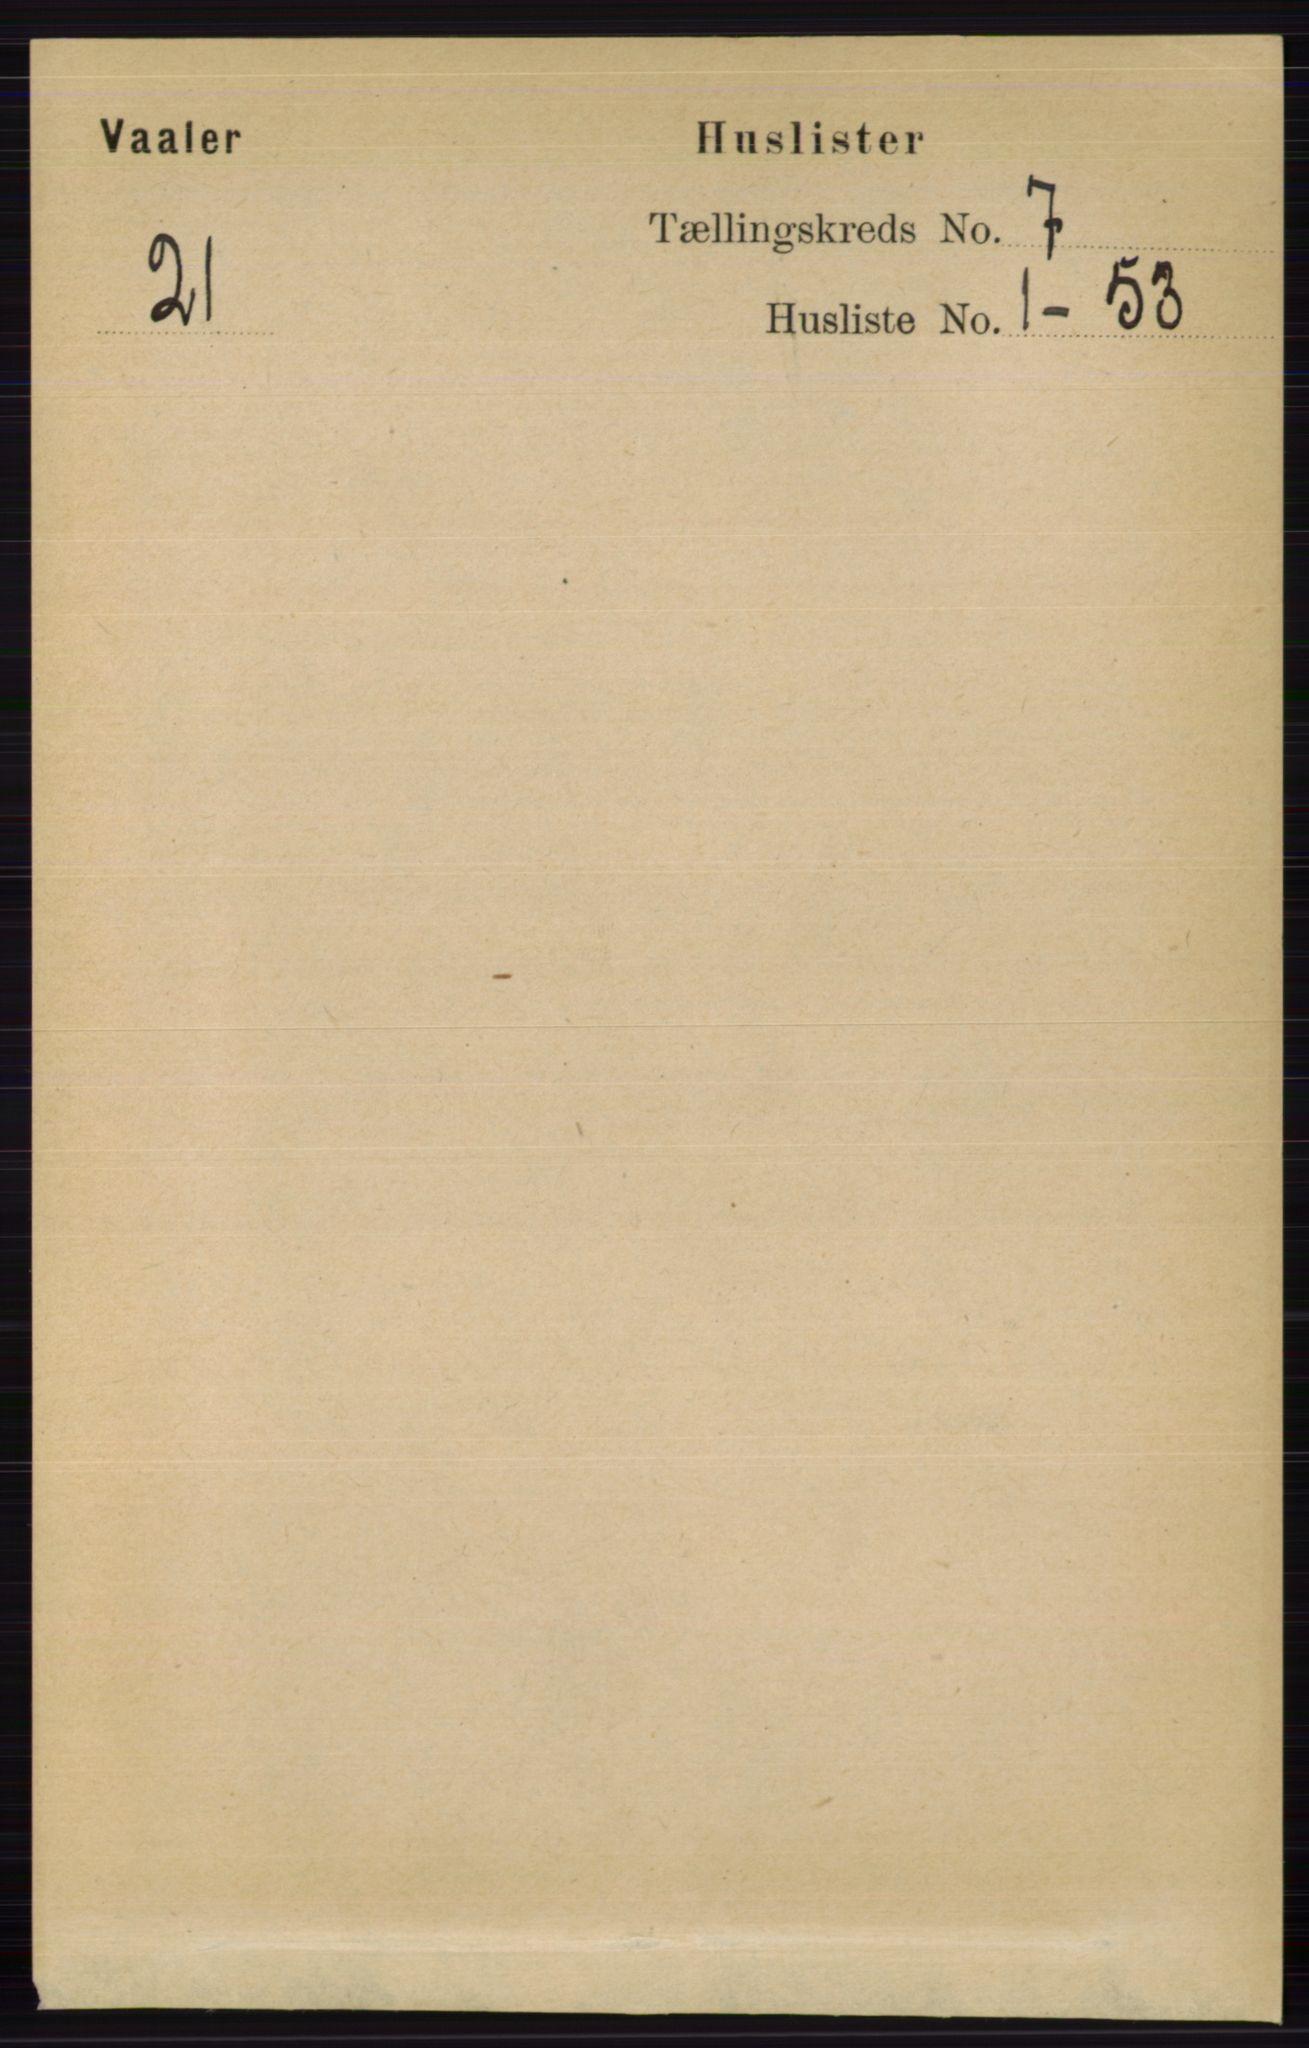 RA, Folketelling 1891 for 0426 Våler herred, 1891, s. 2867